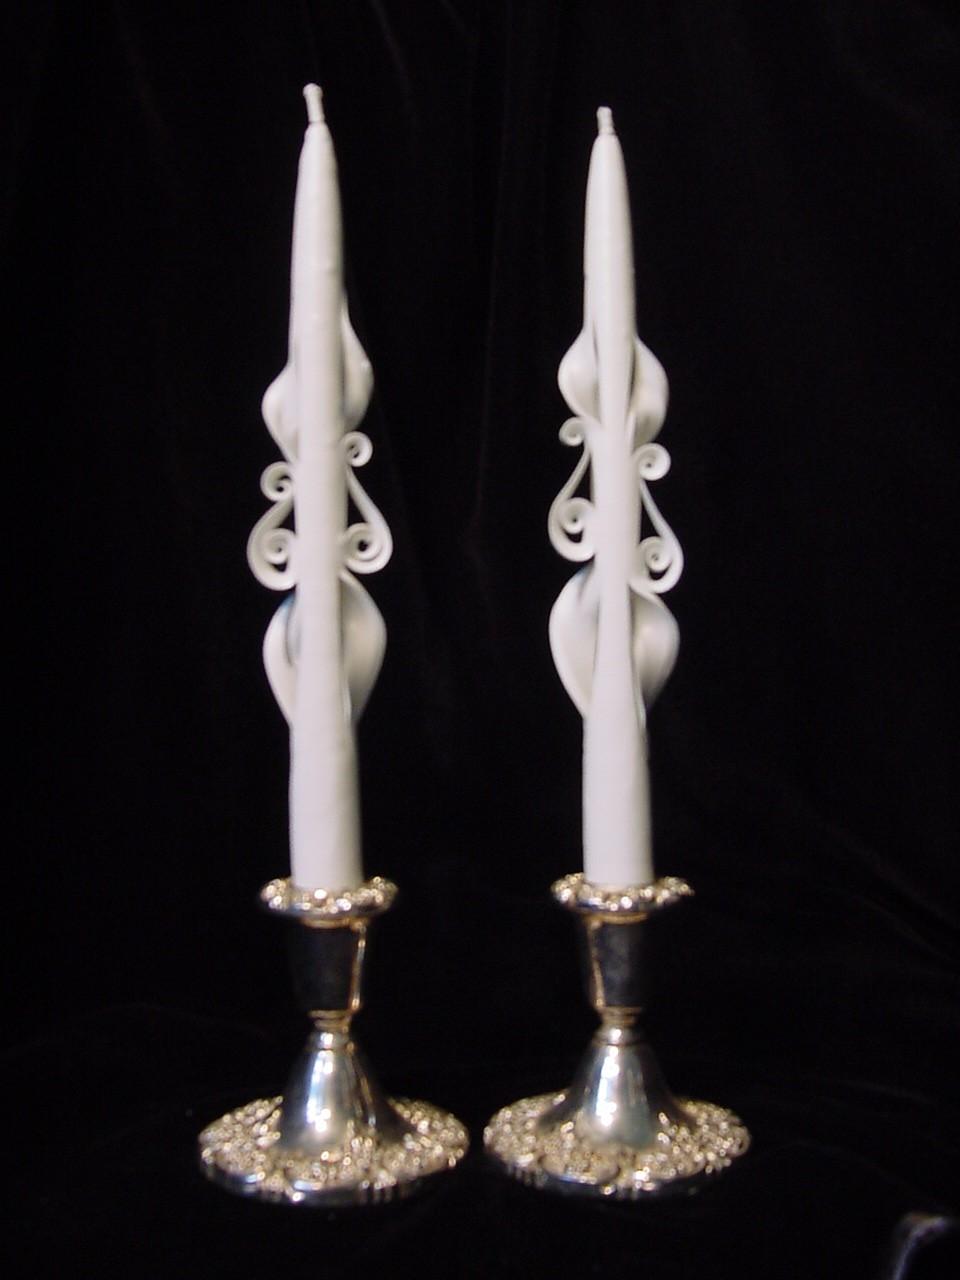 Picz Unique Candles